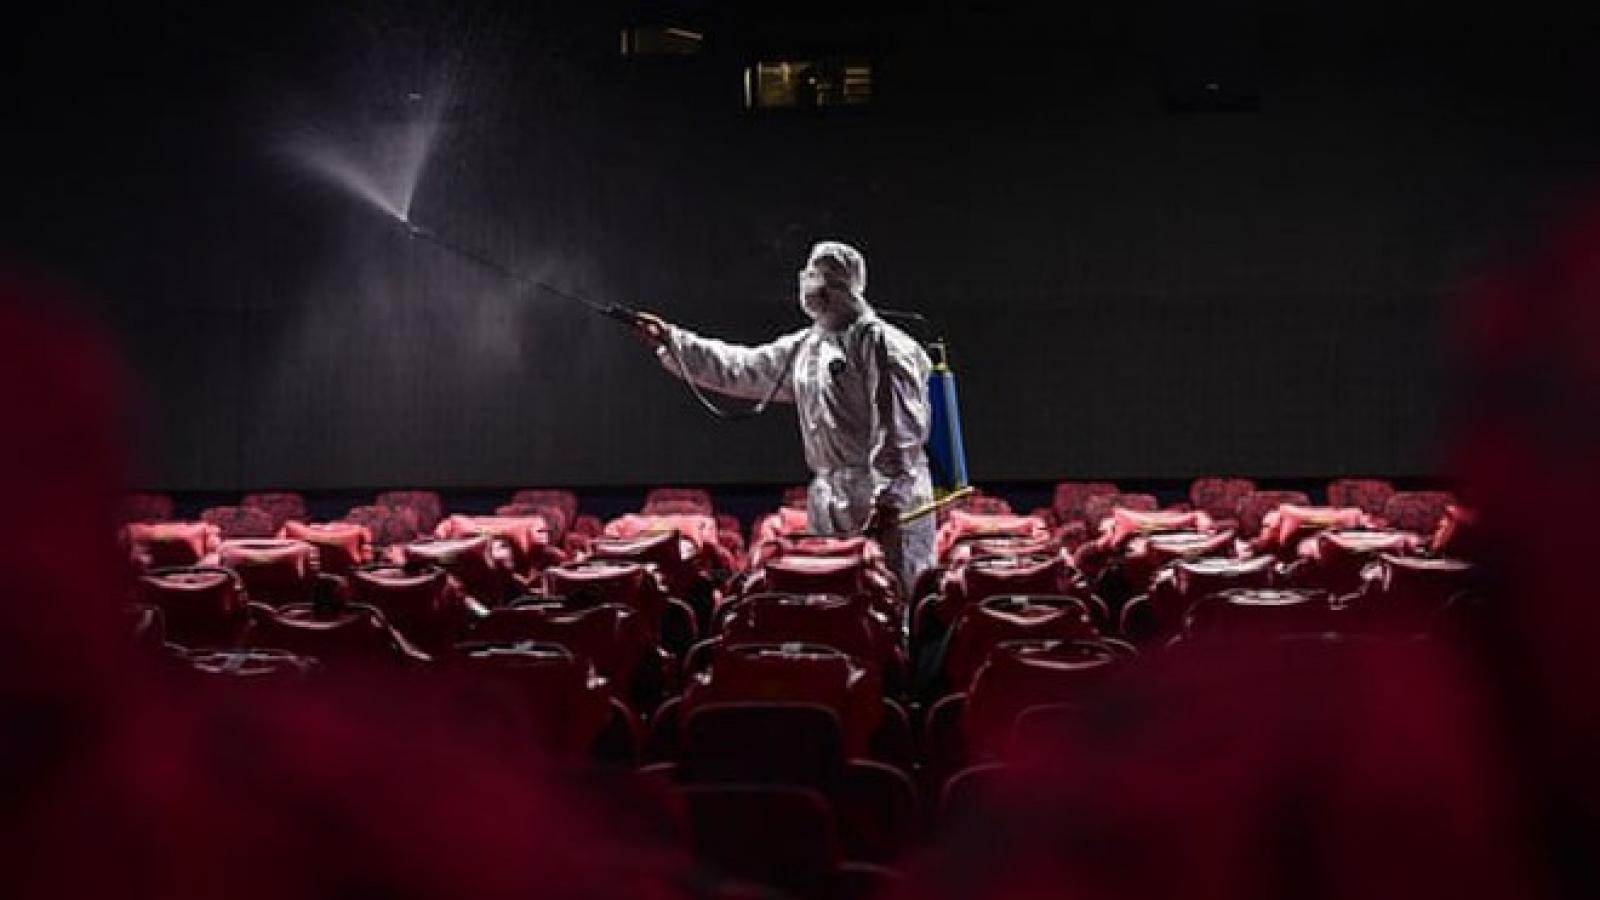 Trung Quốc mở lại rạp chiếu phim sau gần nửa năm